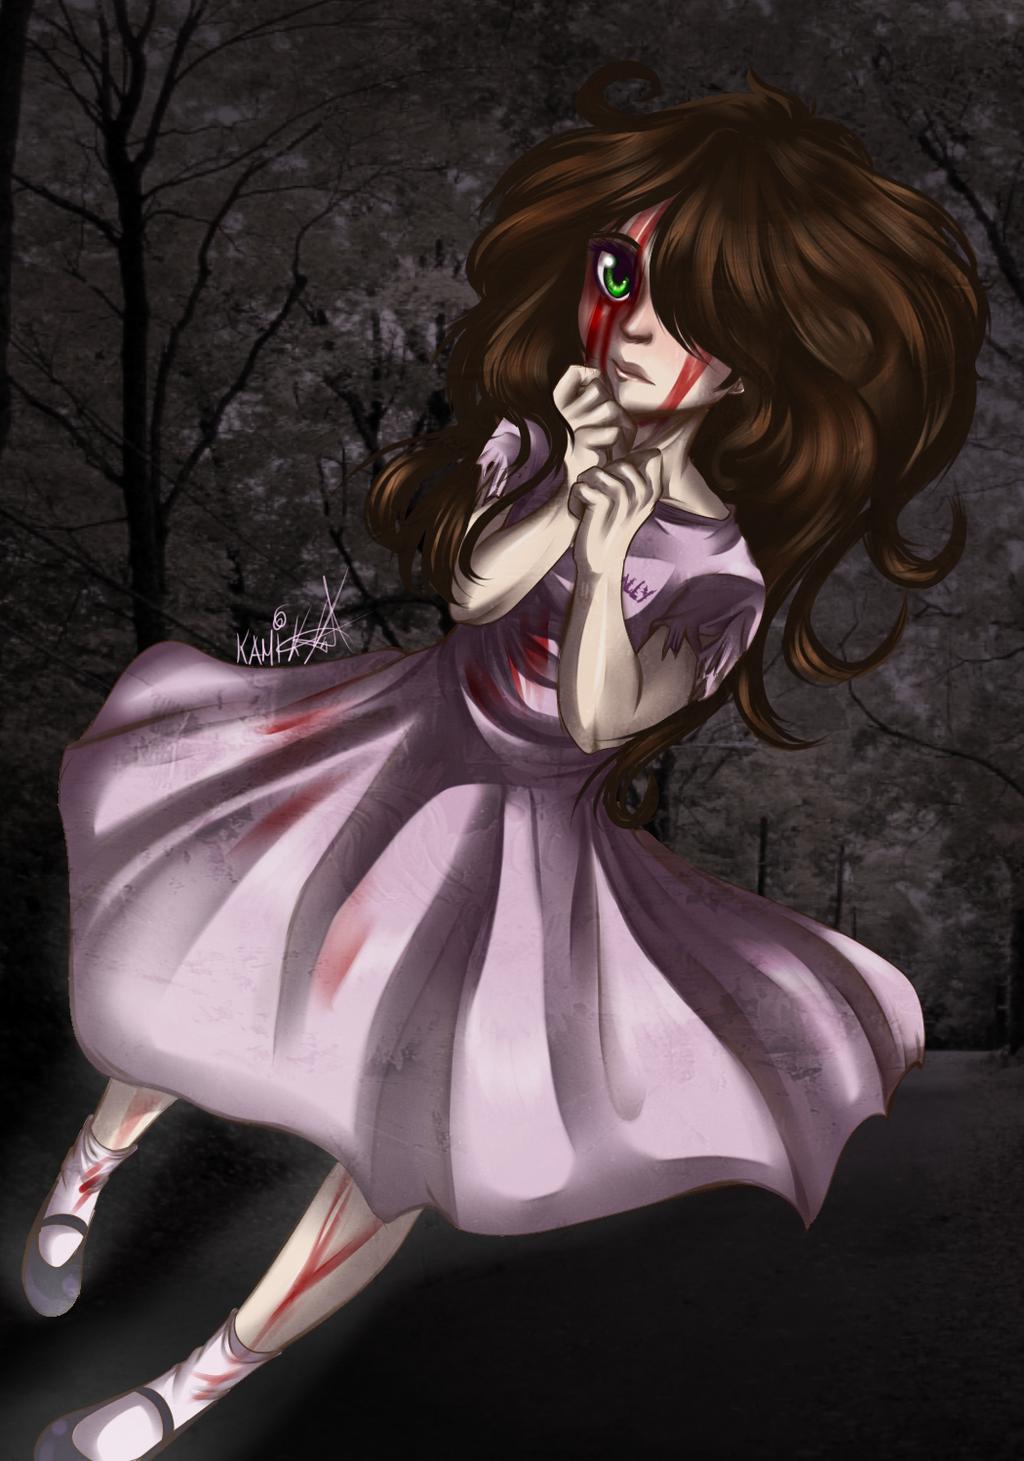 Pin By Jaywolf On Creepypasta Scary Creepypasta Creepypasta Cute Creepypasta